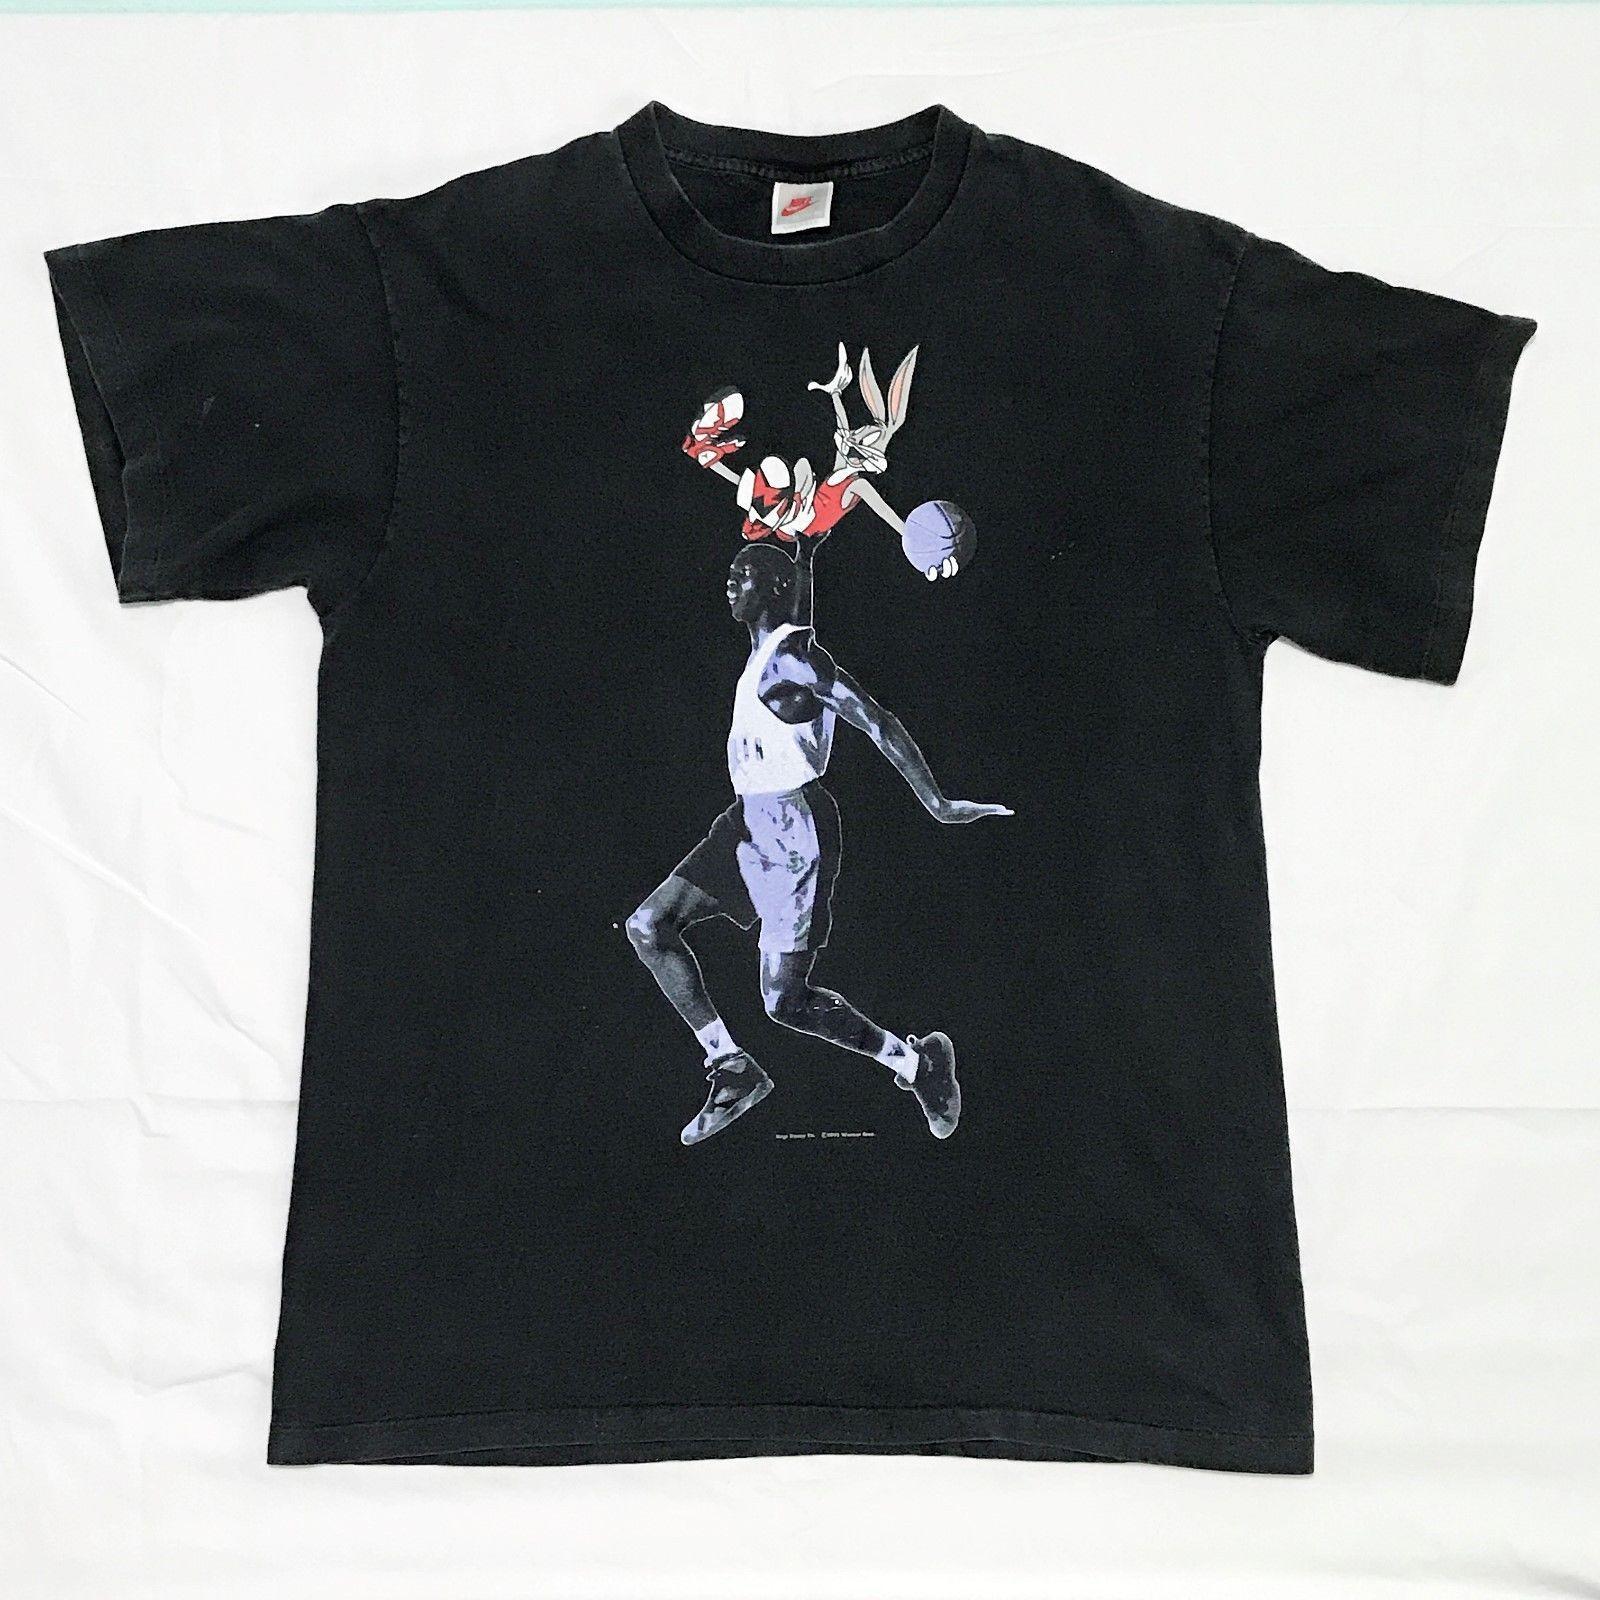 Vintage Nike Air Jordan Hare Jordan 7 T Shirt Size Xl Gray Tag Bugs Bunny Mens Tshirts Mens Tops Mens Outfits